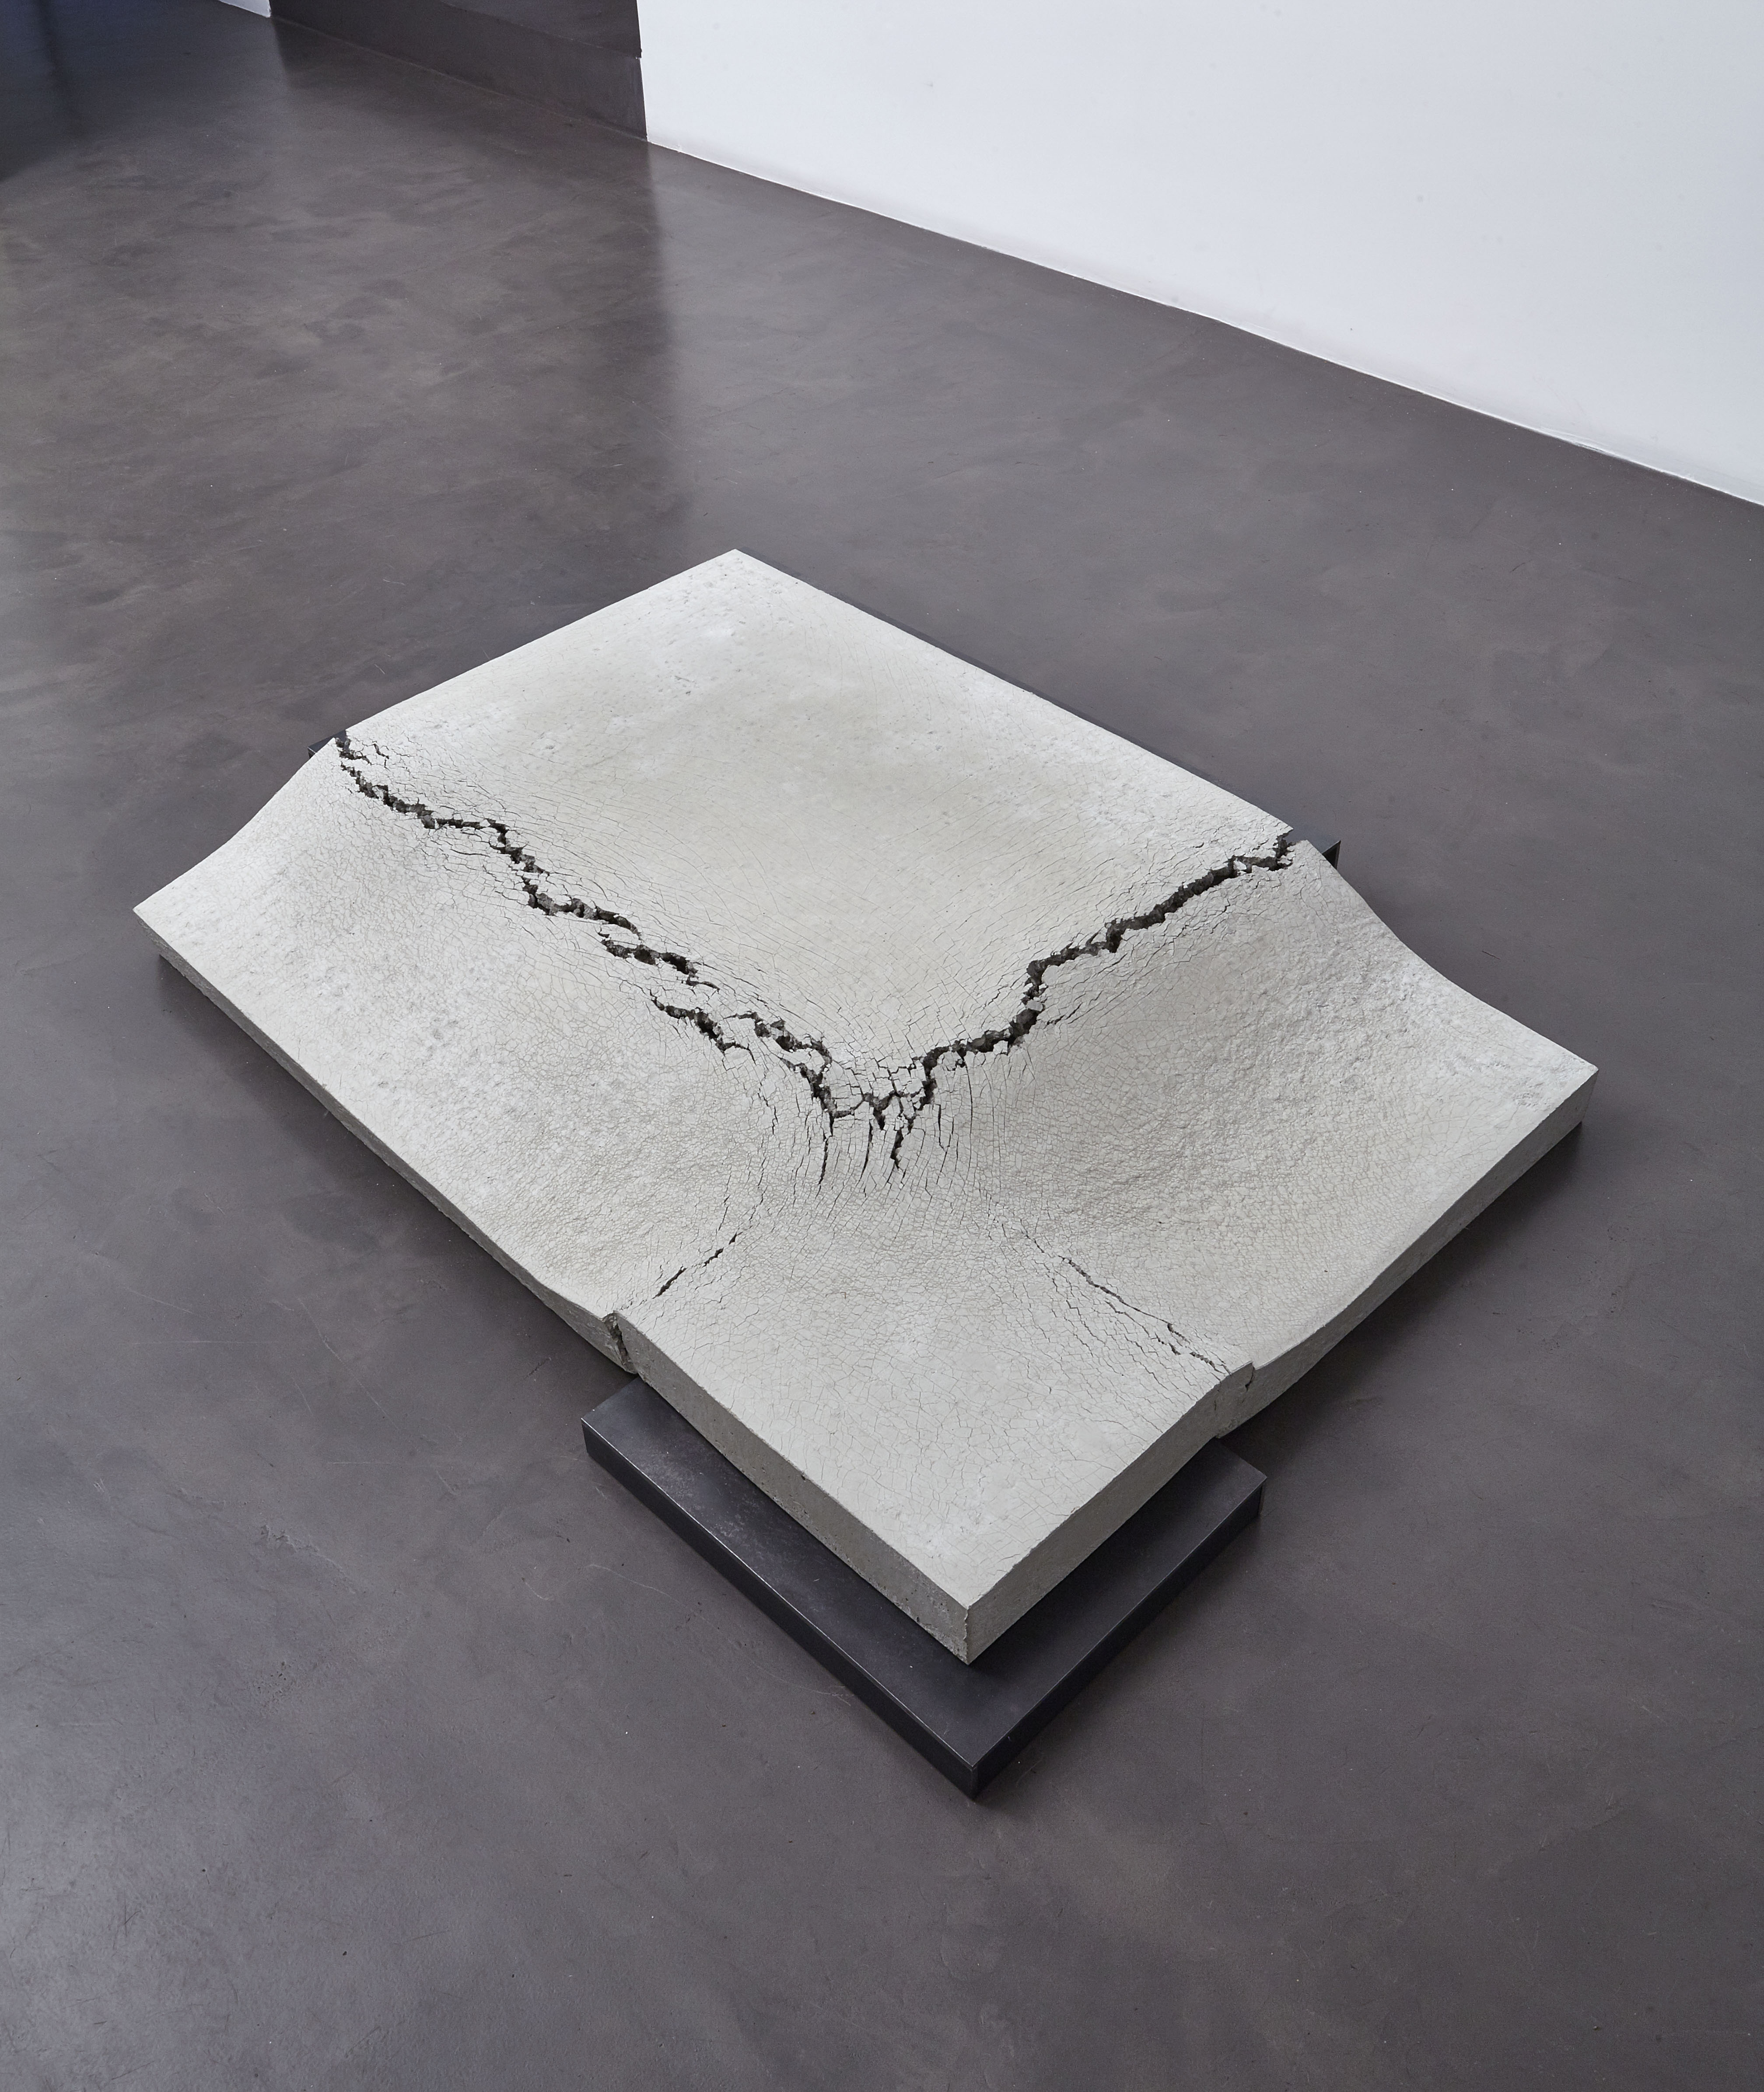 Christoph Weber, Not yet titled, 2014